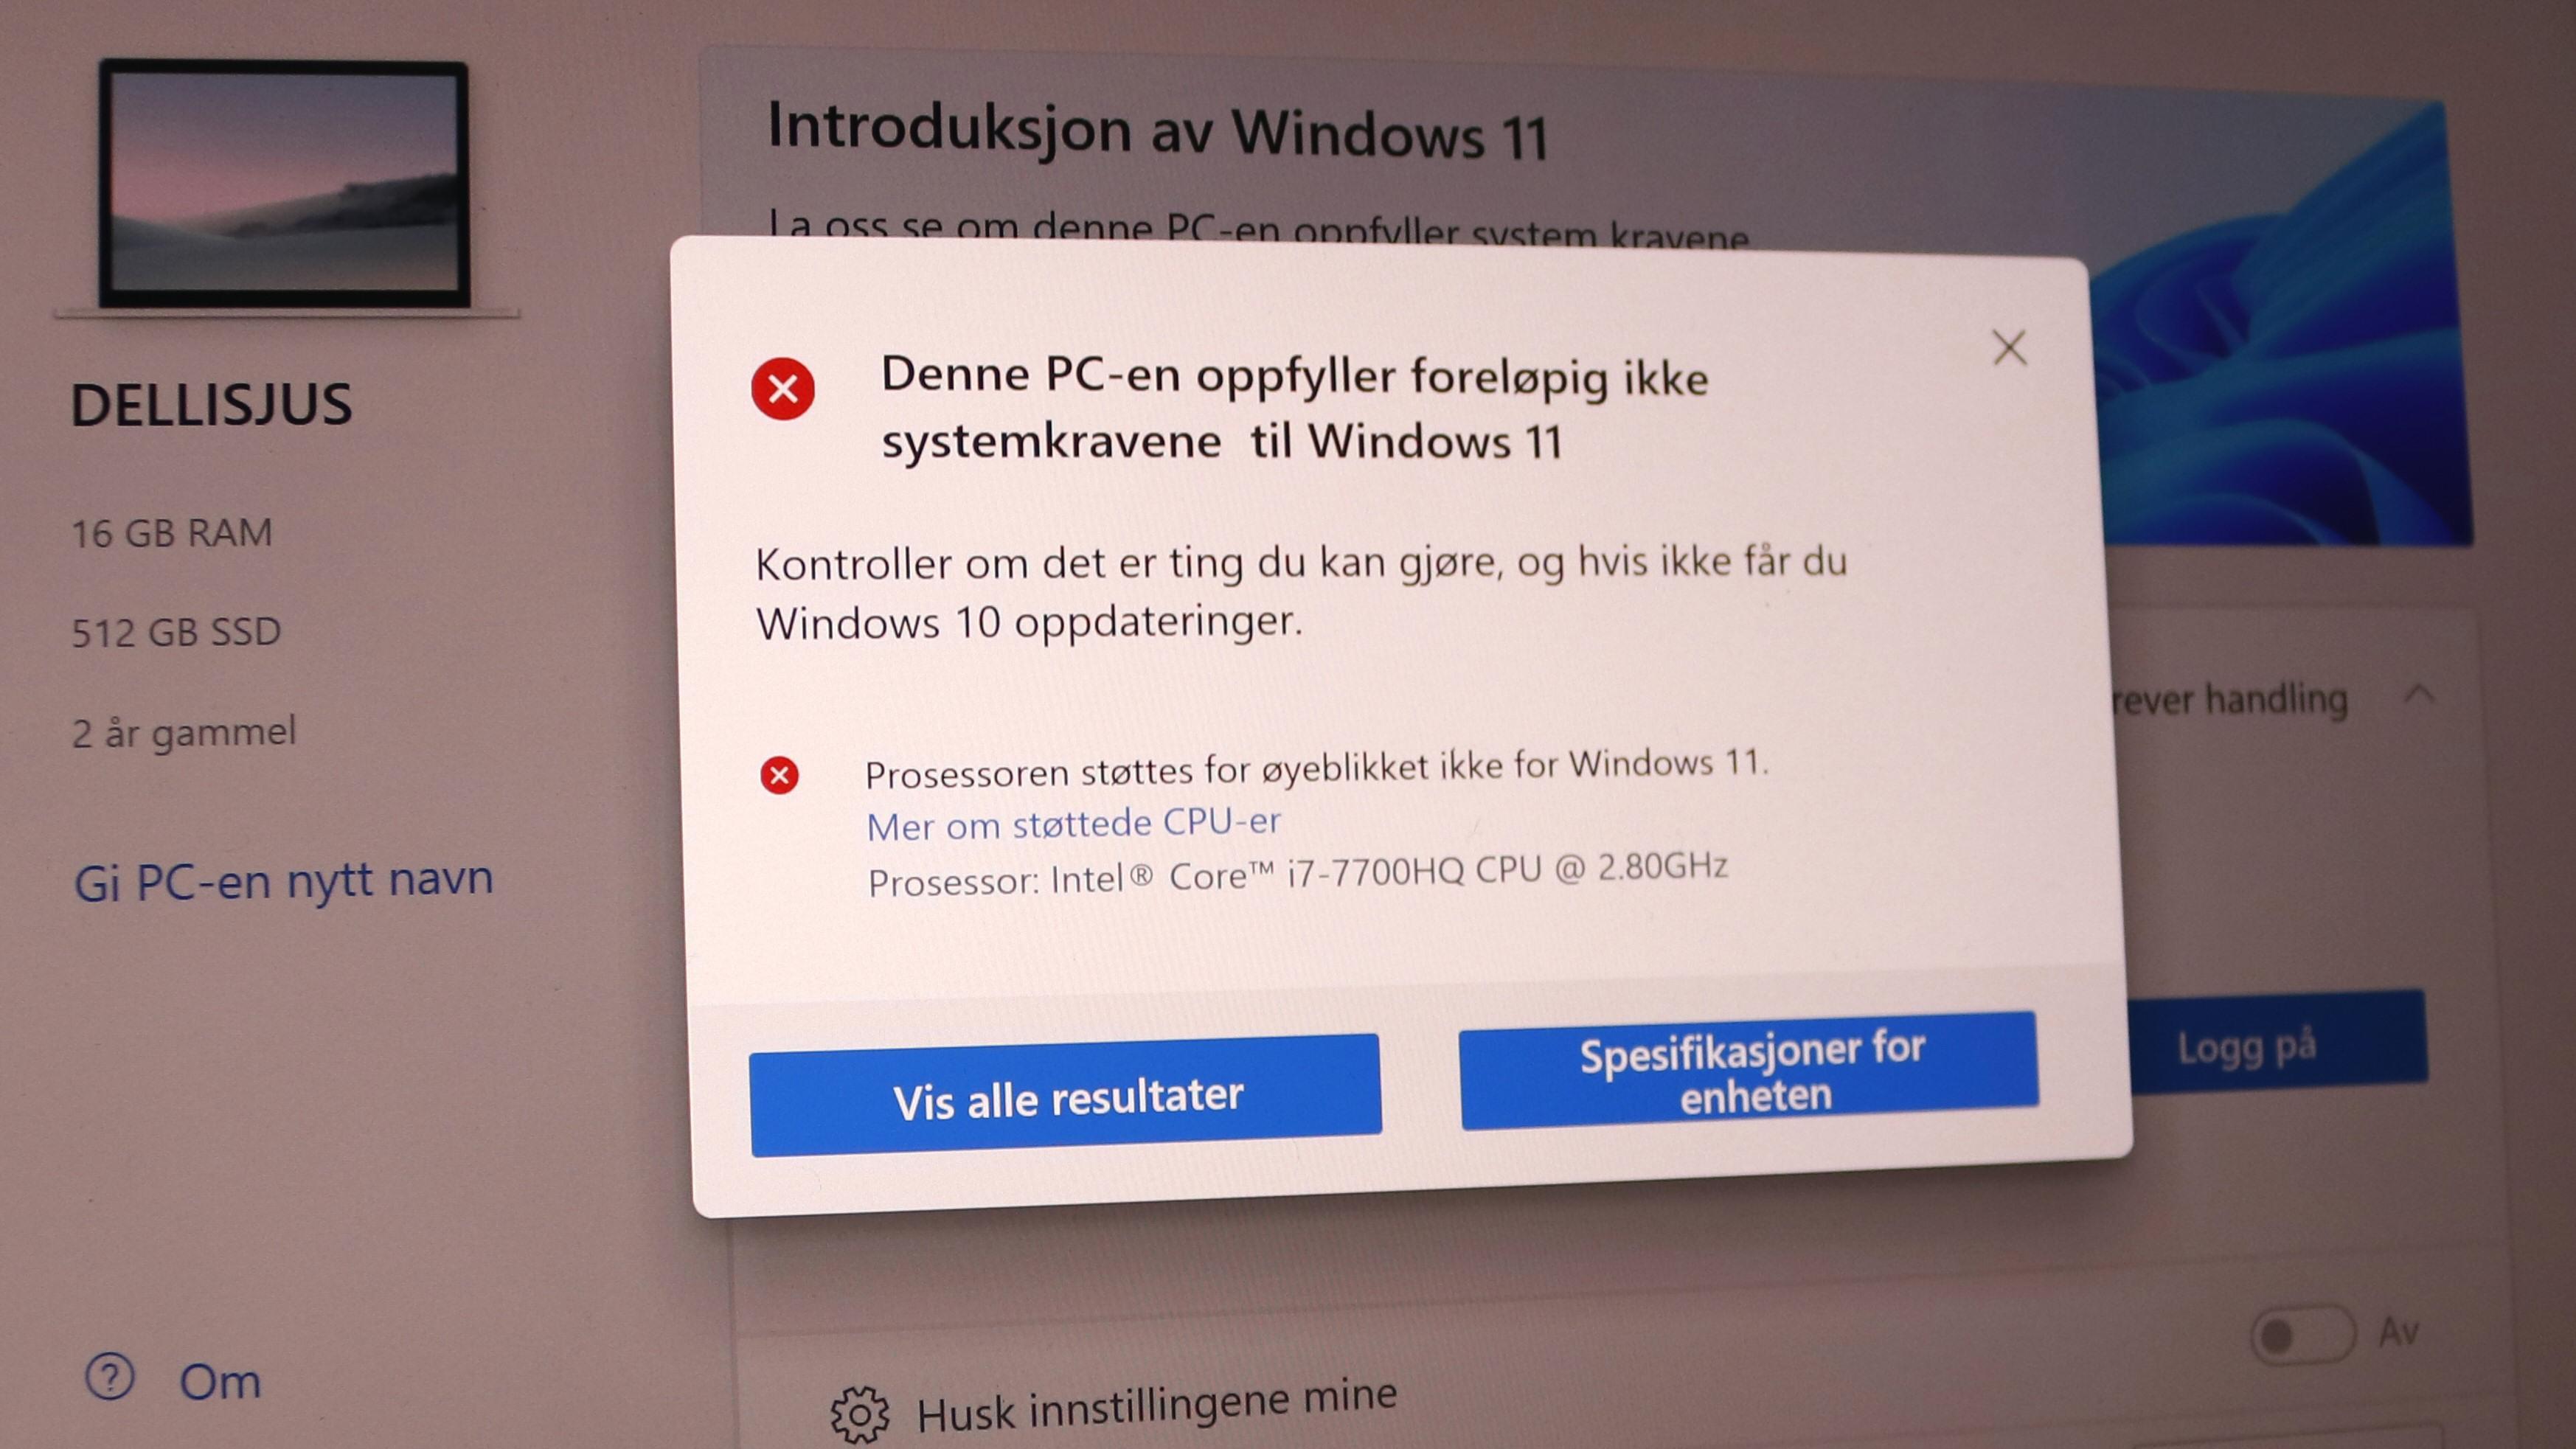 Beklager, (relativt) unge Dellisjus, du må holde deg til Windows 10.